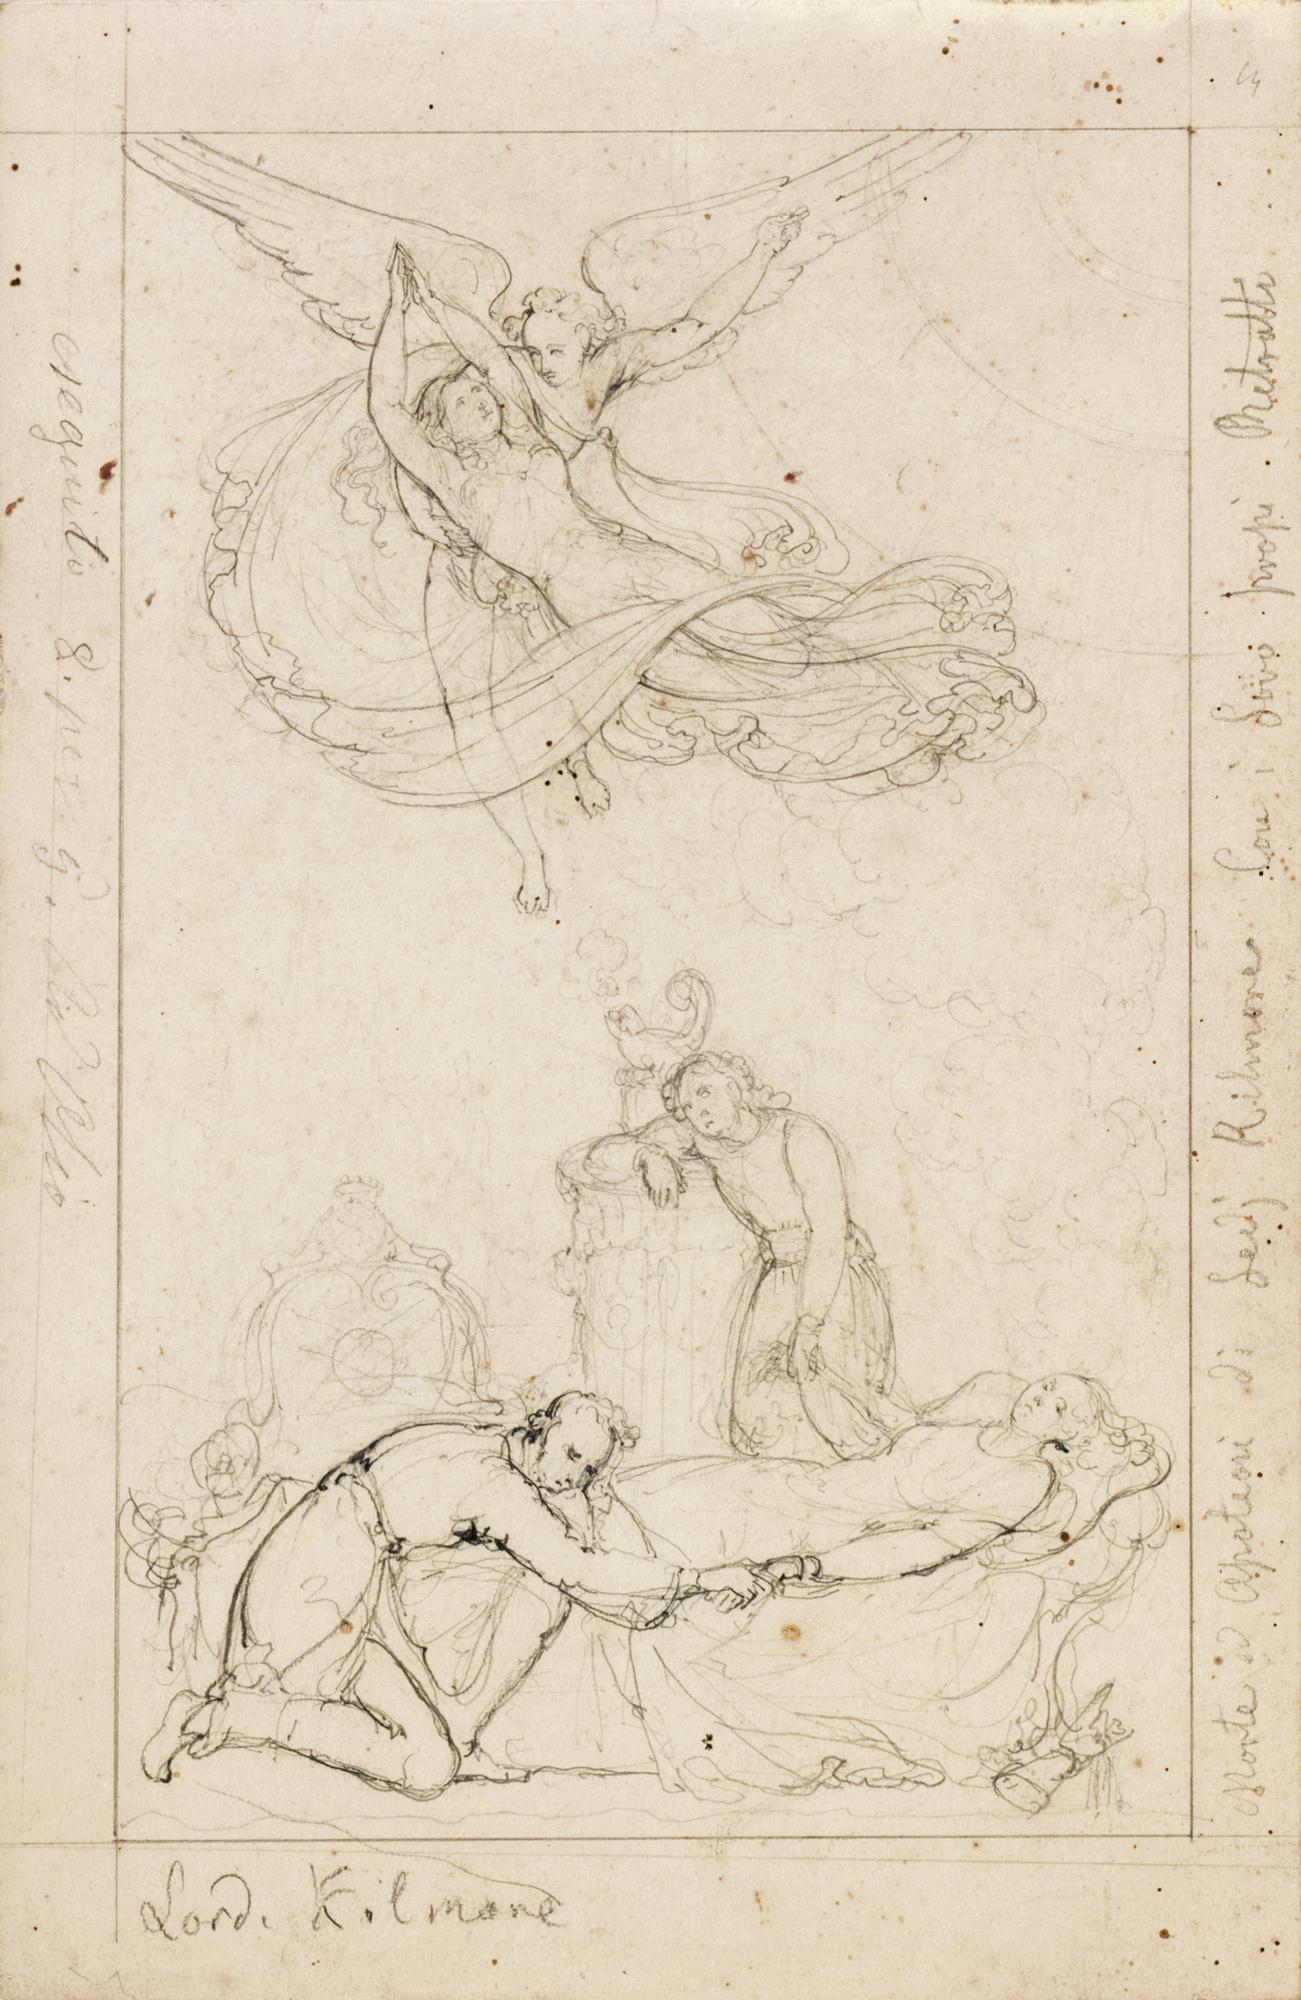 Lotto di sei disegni: l'apoteosi di Lady Kilmore; quattro disegni con vedute di Roma e della campagna romana e con studi di popolani in costume tradizionale; e un disegno raffigurante Villa Franca a Firenze